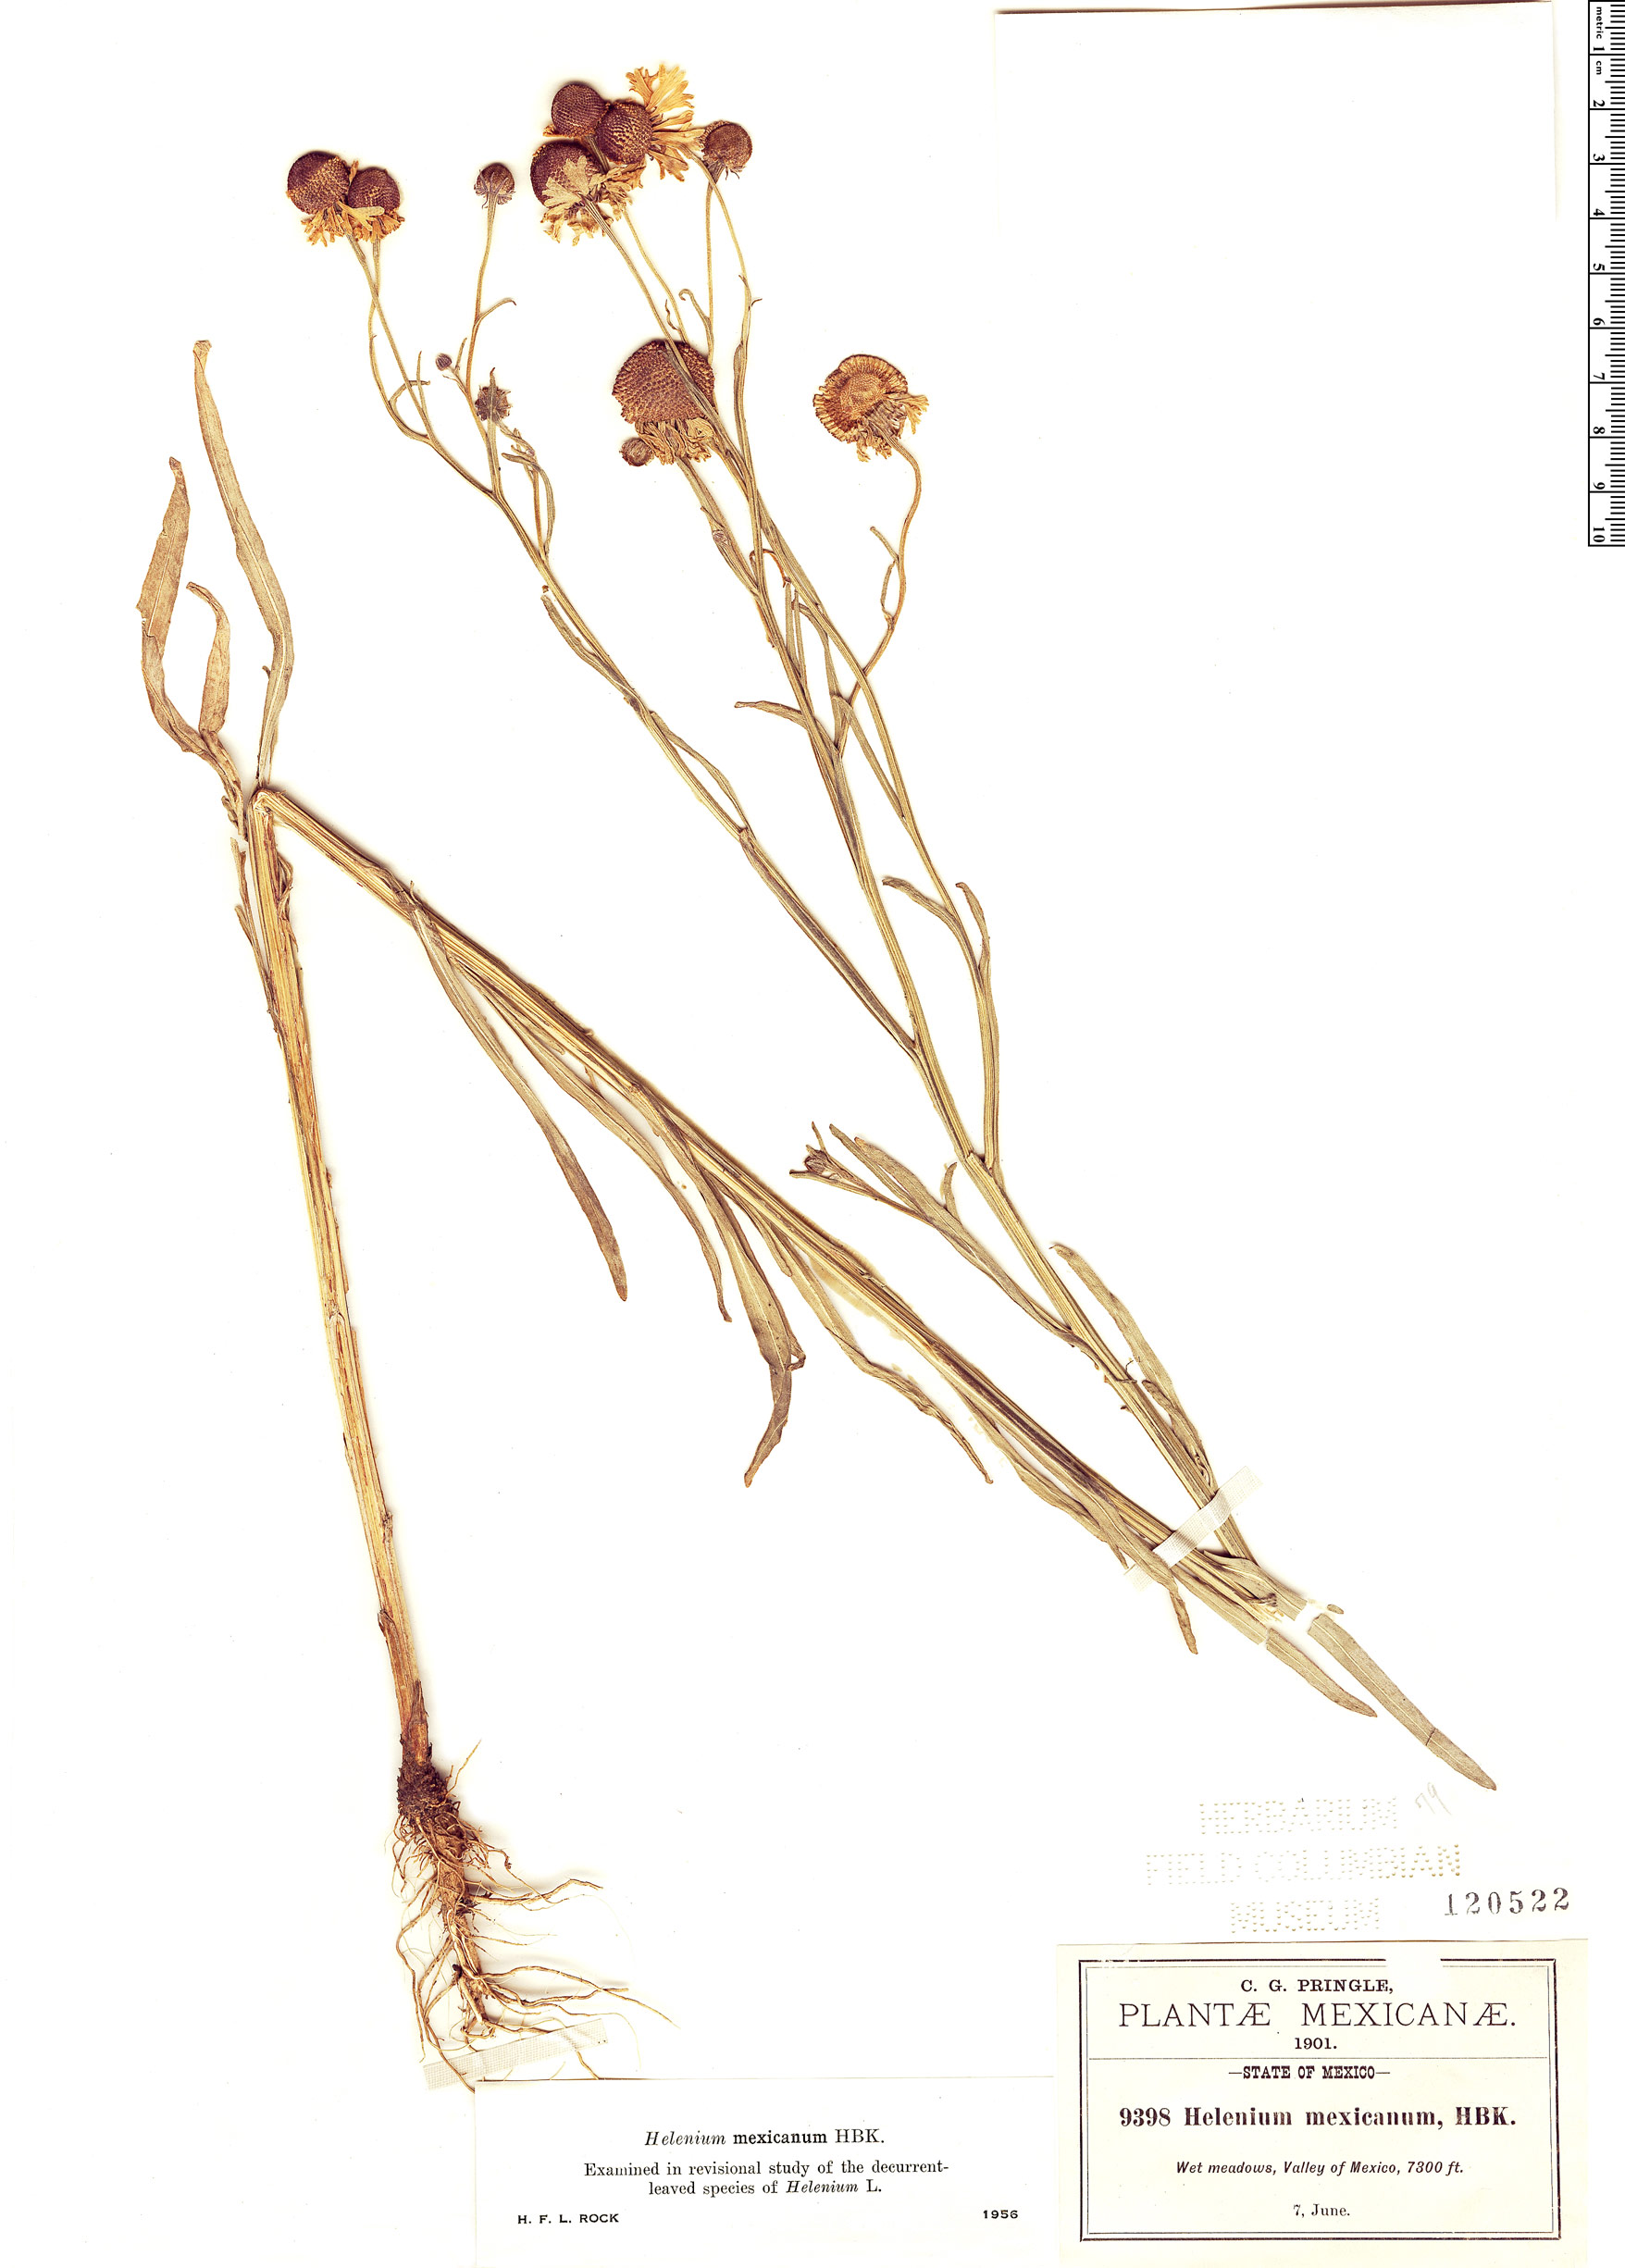 Specimen: Helenium mexicanum